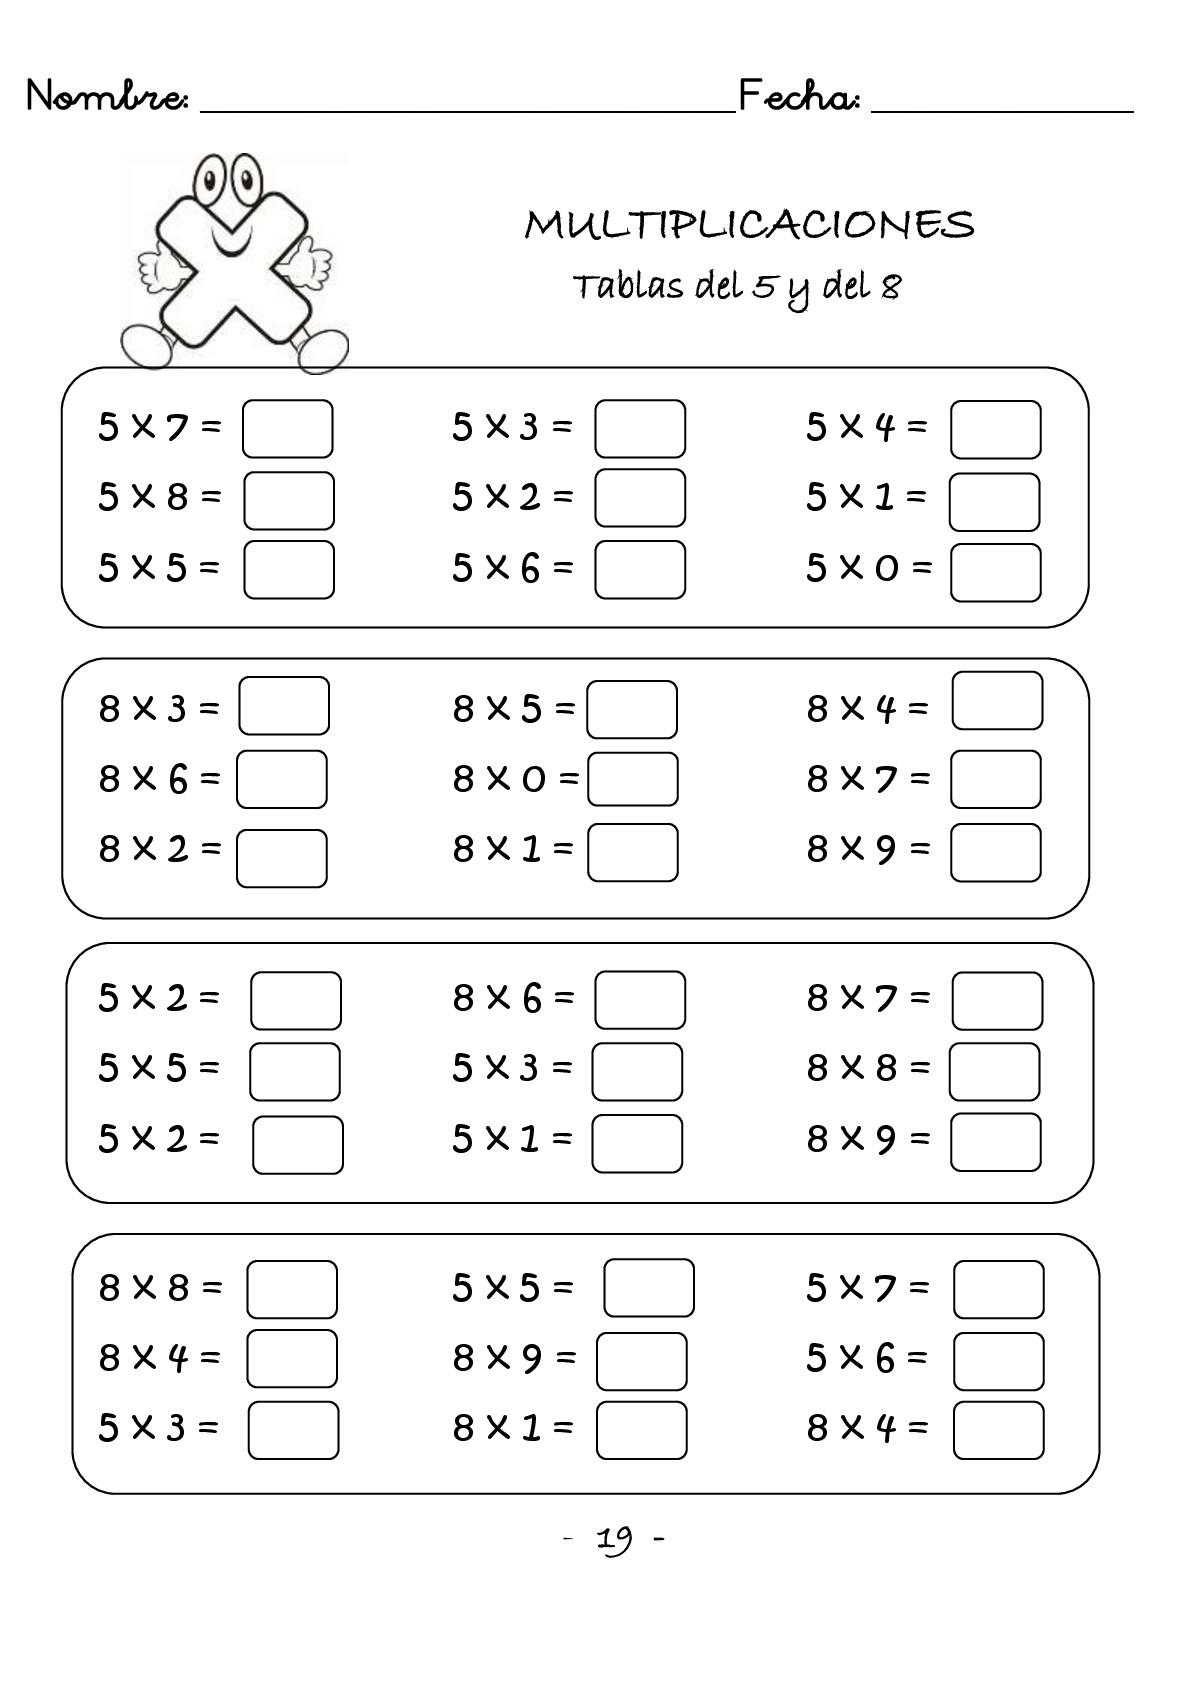 multiplicaciones-rapidas-una-cifra-protegido-020